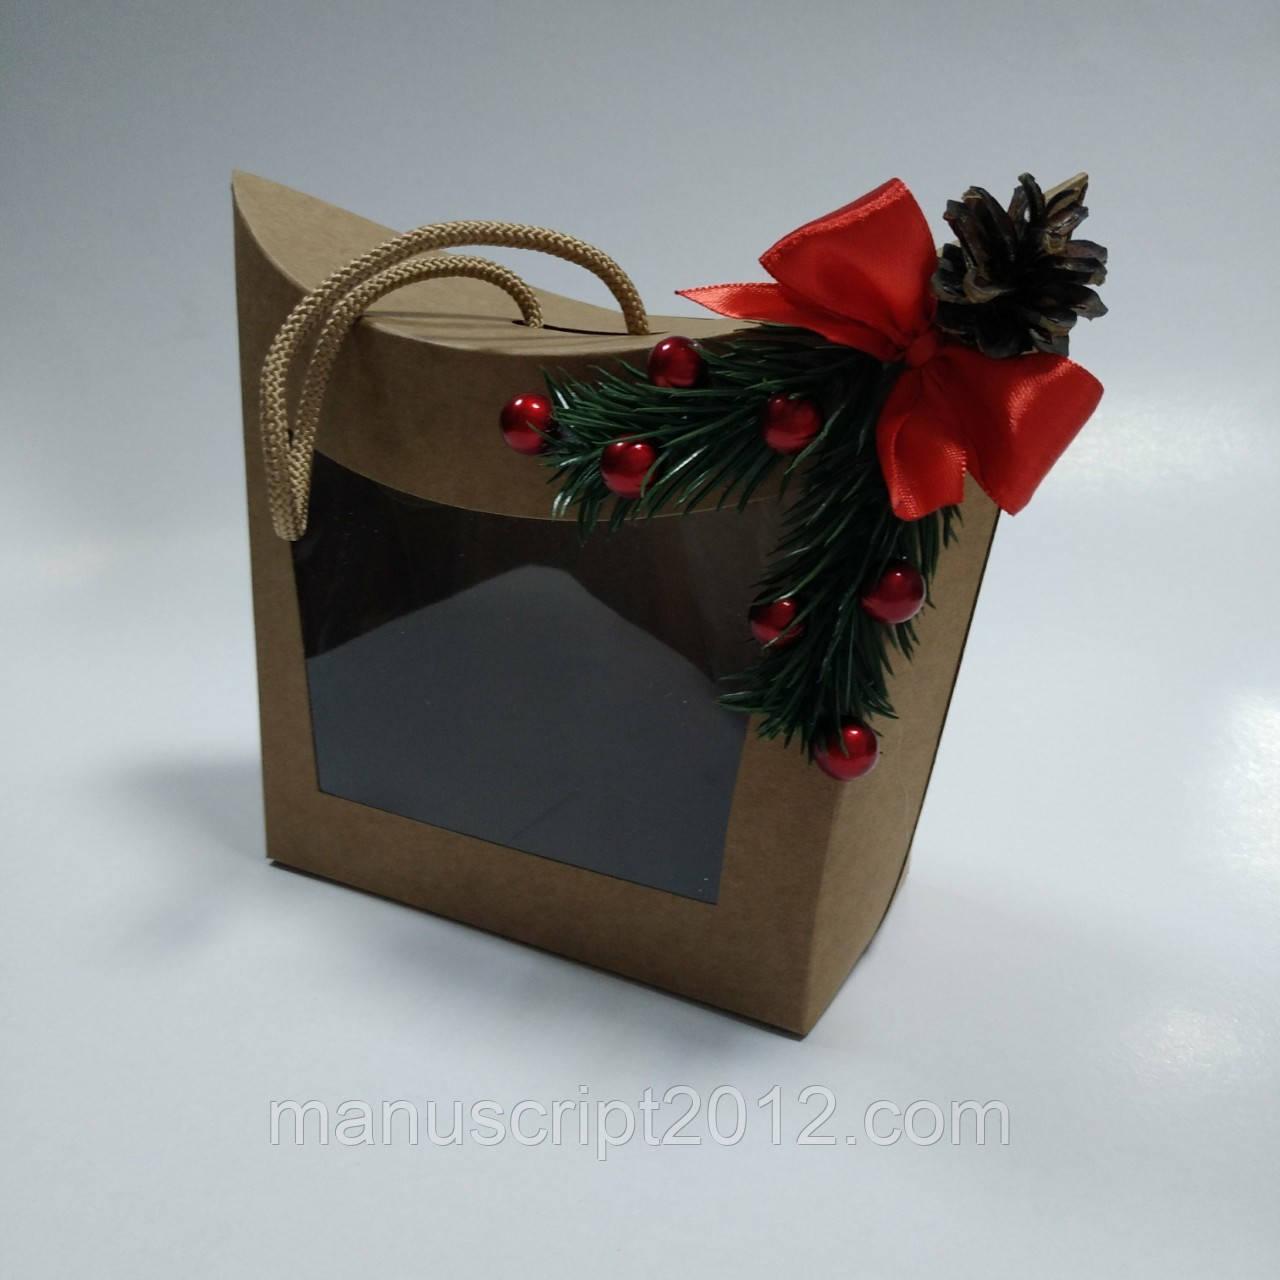 Коробка крафт подарункова з вікном і новорічним декором